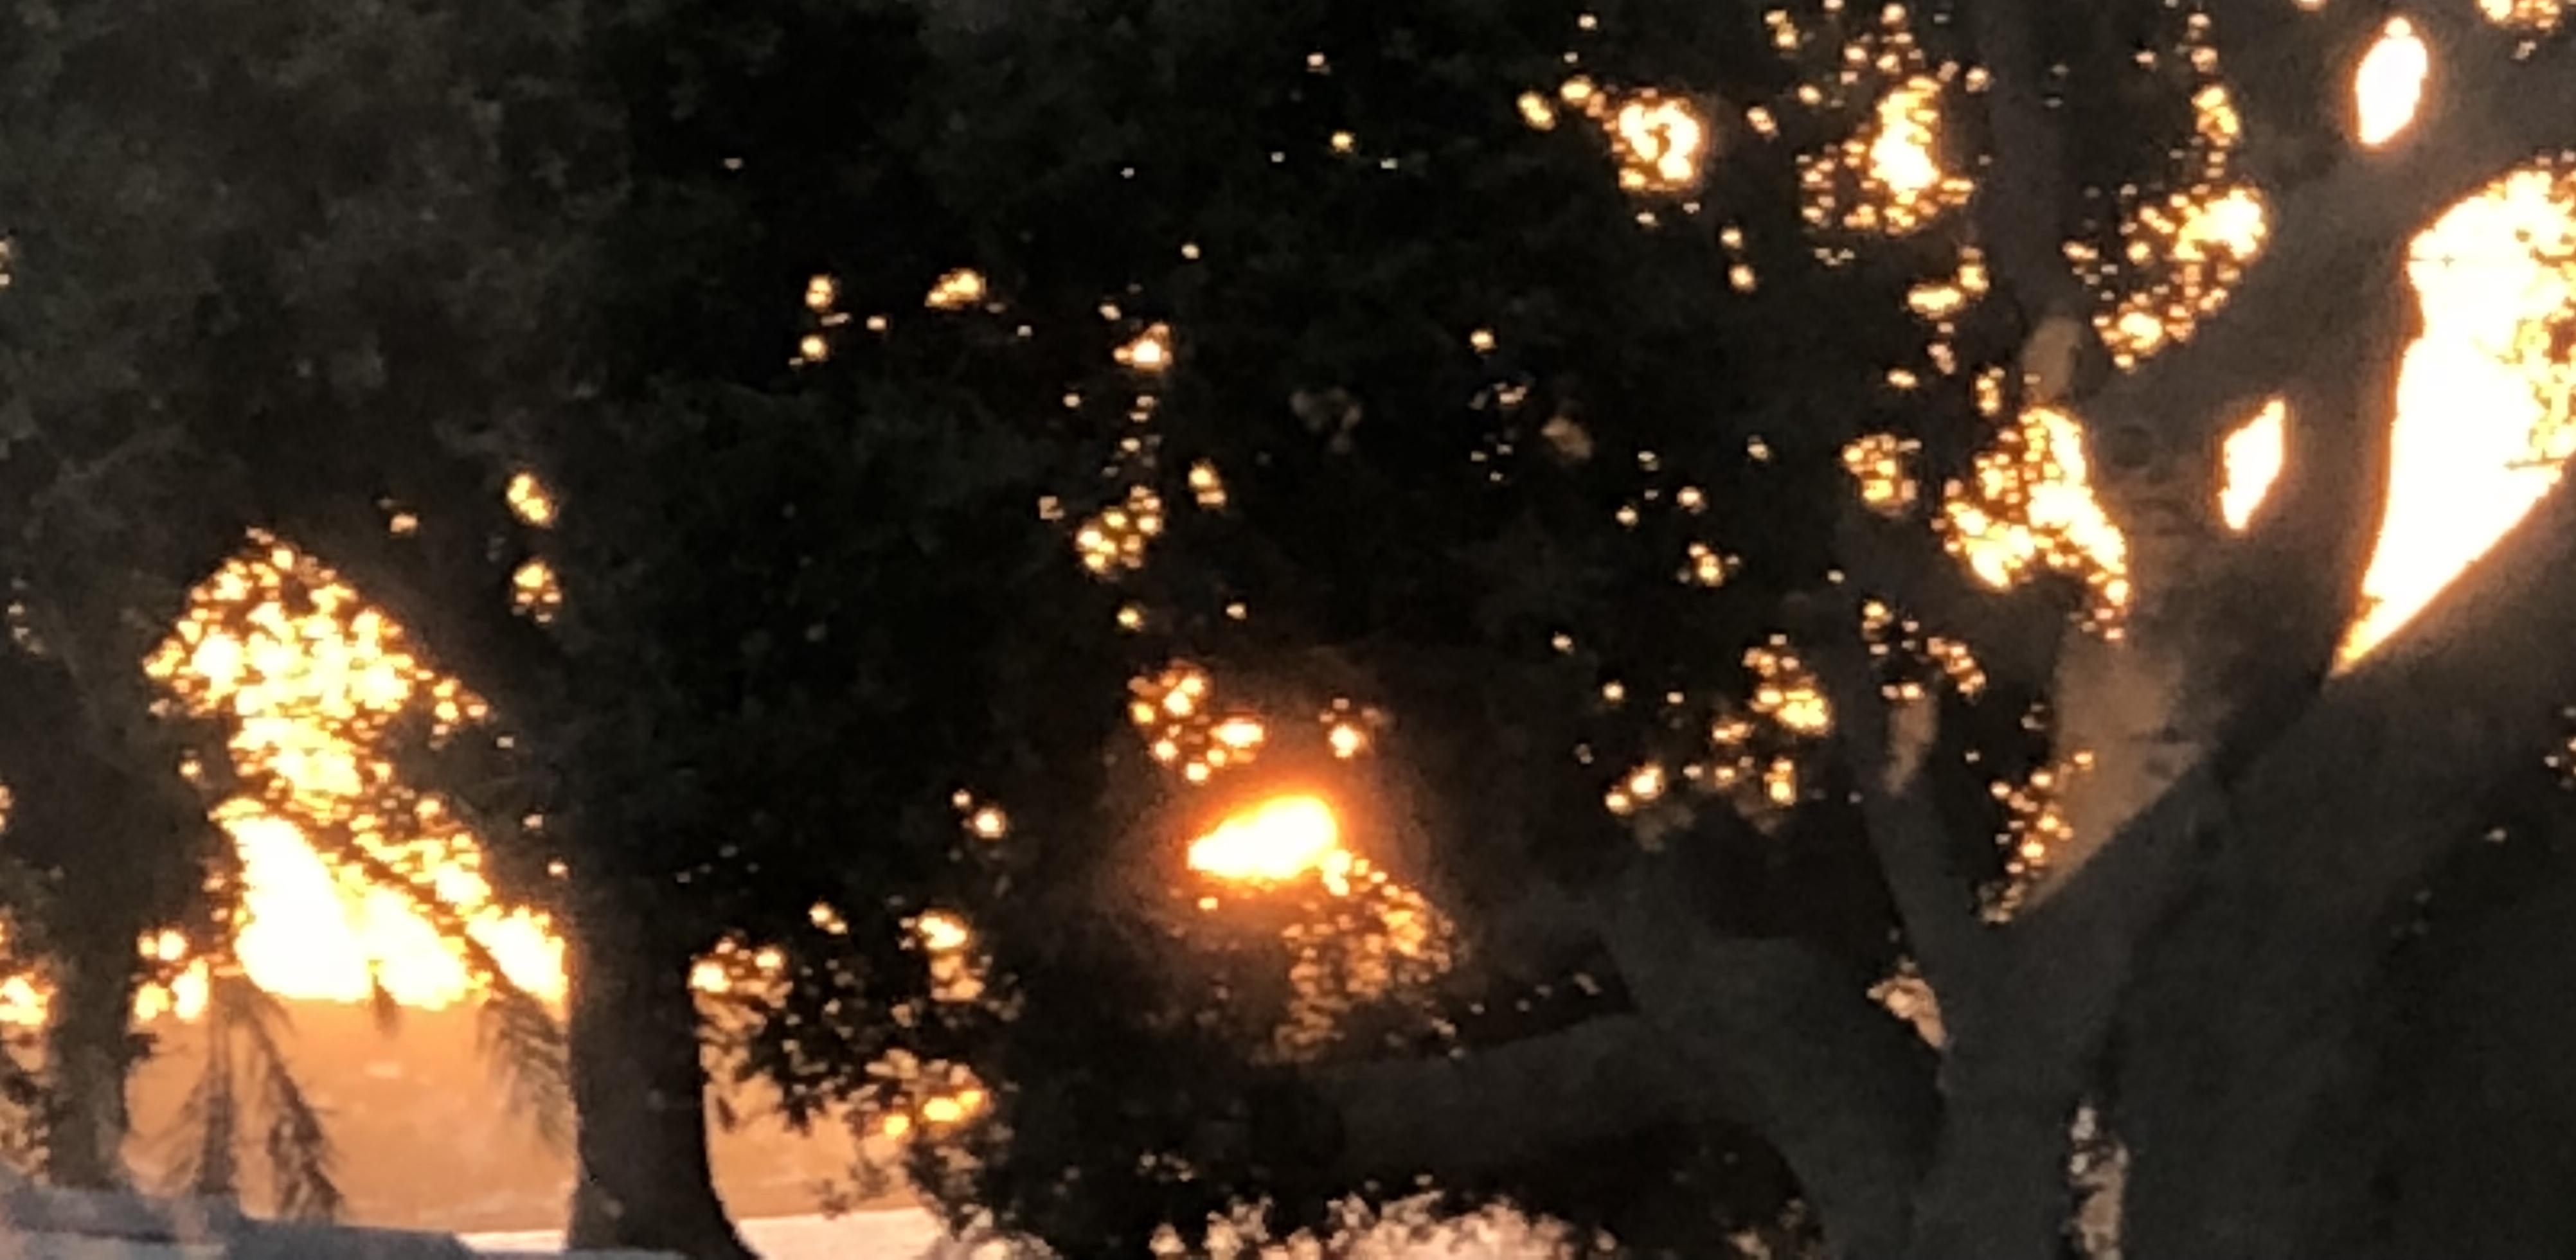 sunrise 10-22-18